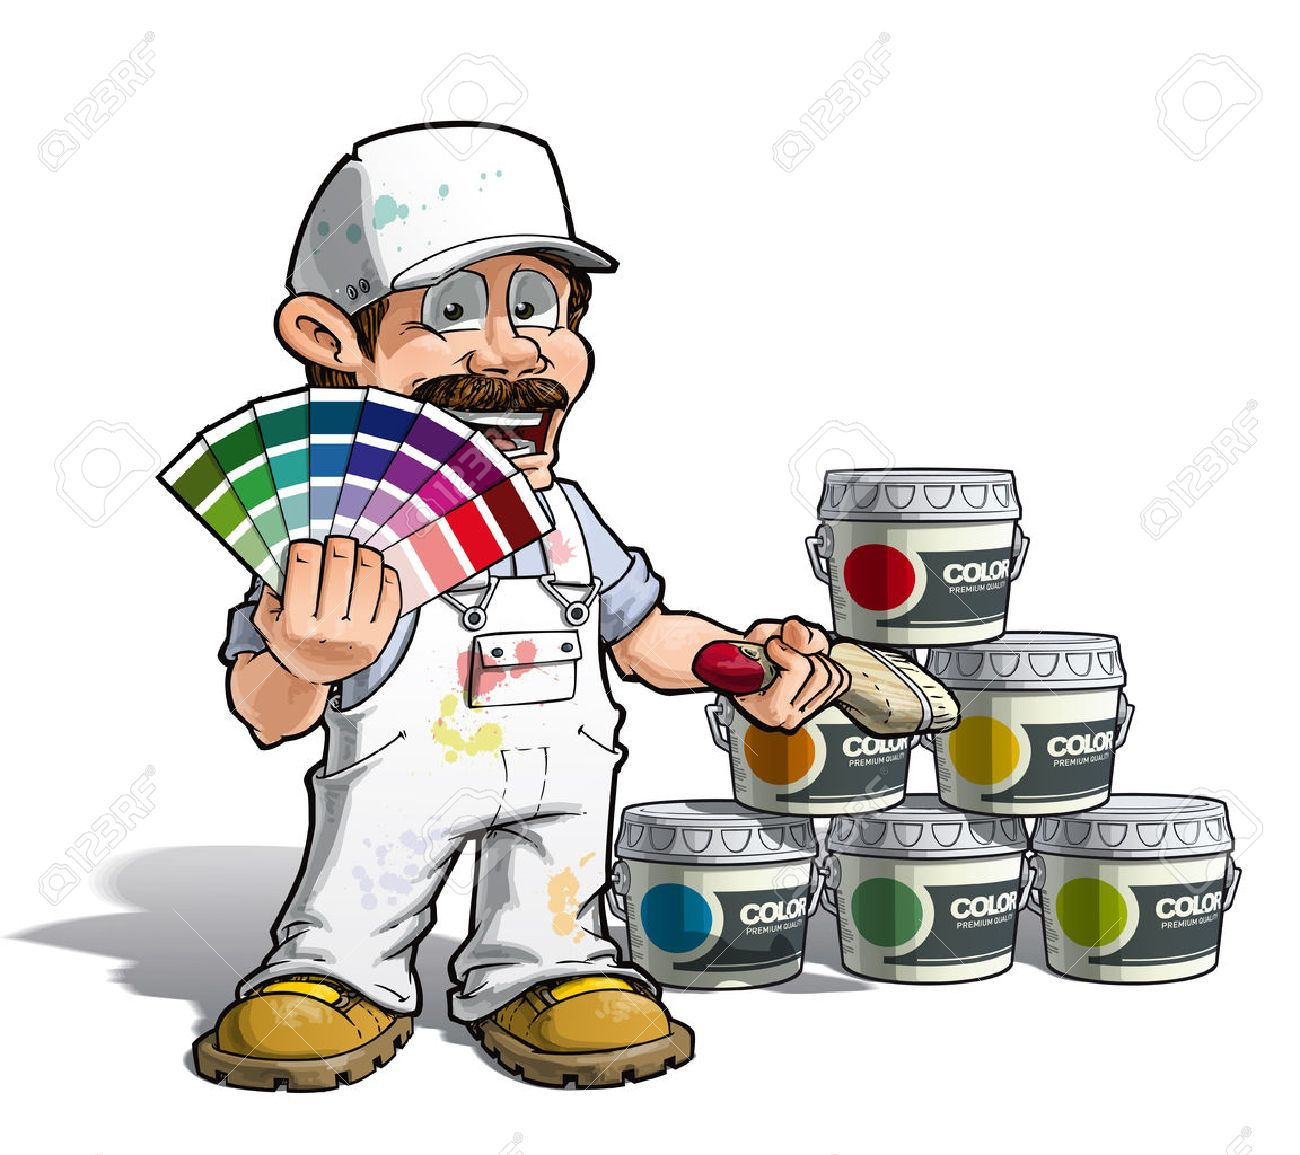 Maler und lackierer clipart  Cartoon Illustration Eines Bauarbeiters / Handwerker Maler Hält ...